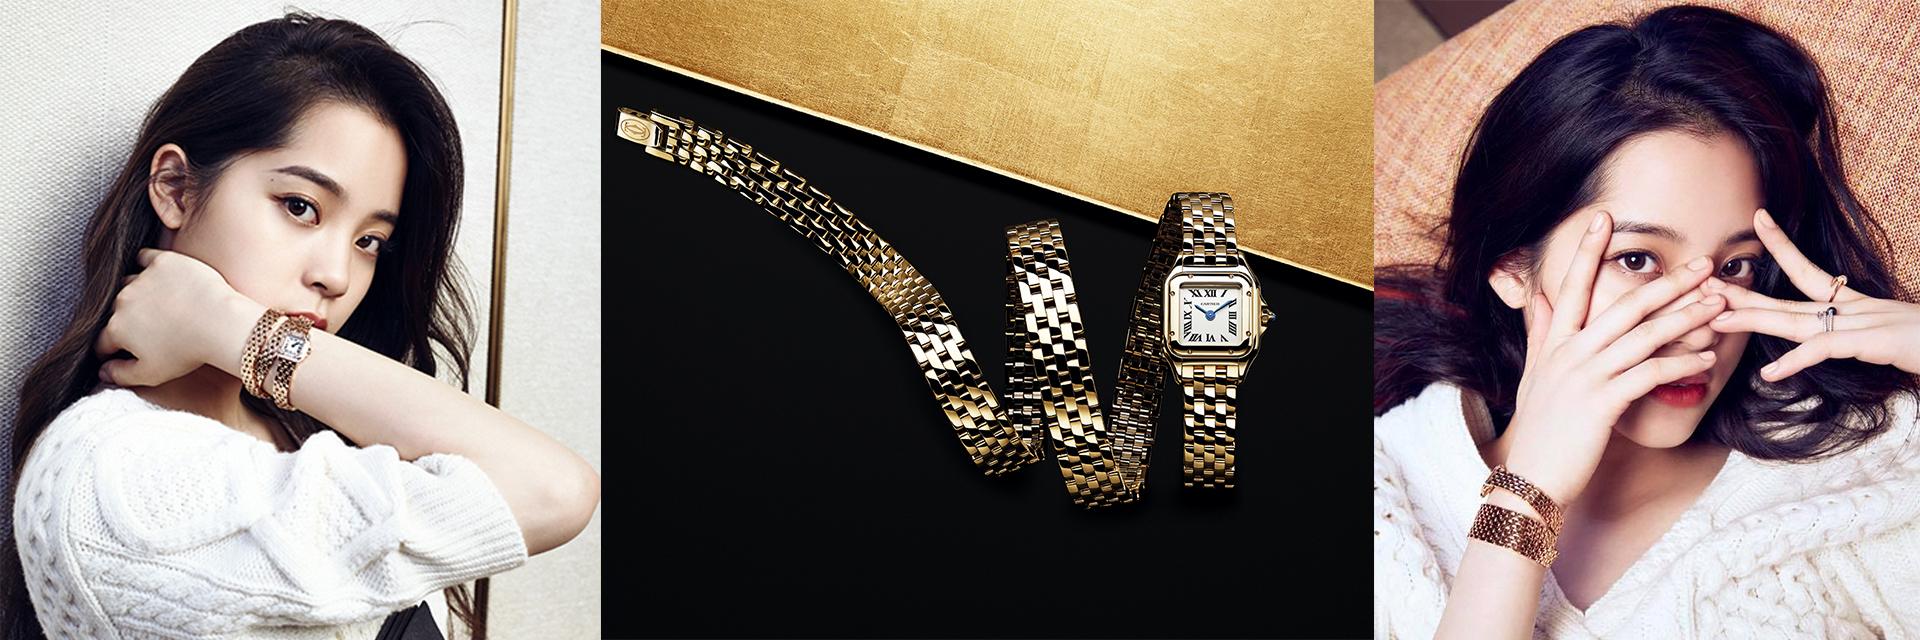 歐陽娜娜搶先示範! Cartier 美洲豹腕錶「環繞式錶帶」新設計,美到令人恍惚